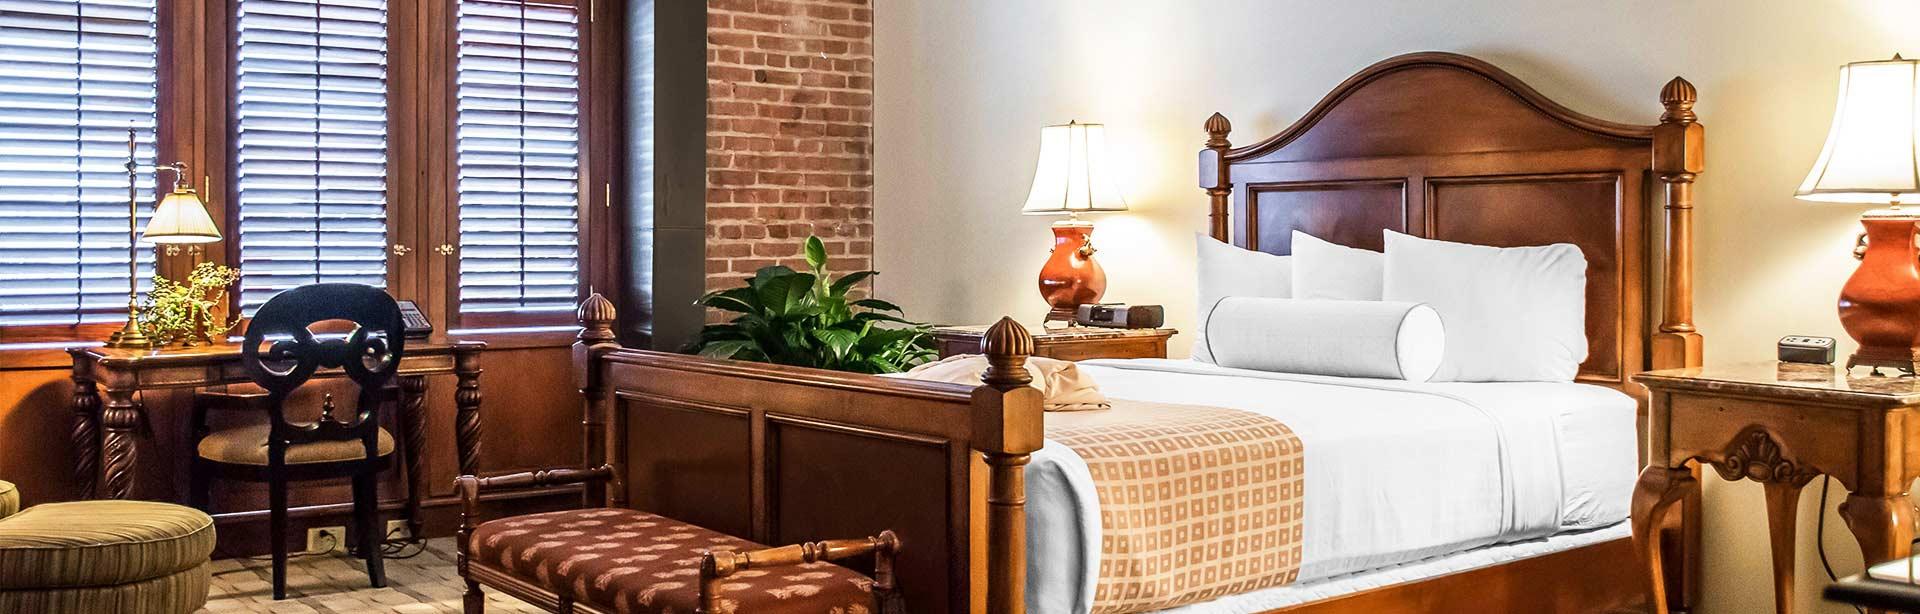 King Bed Marina View Room at Inn at Henderson's Wharf Baltimore, Maryland